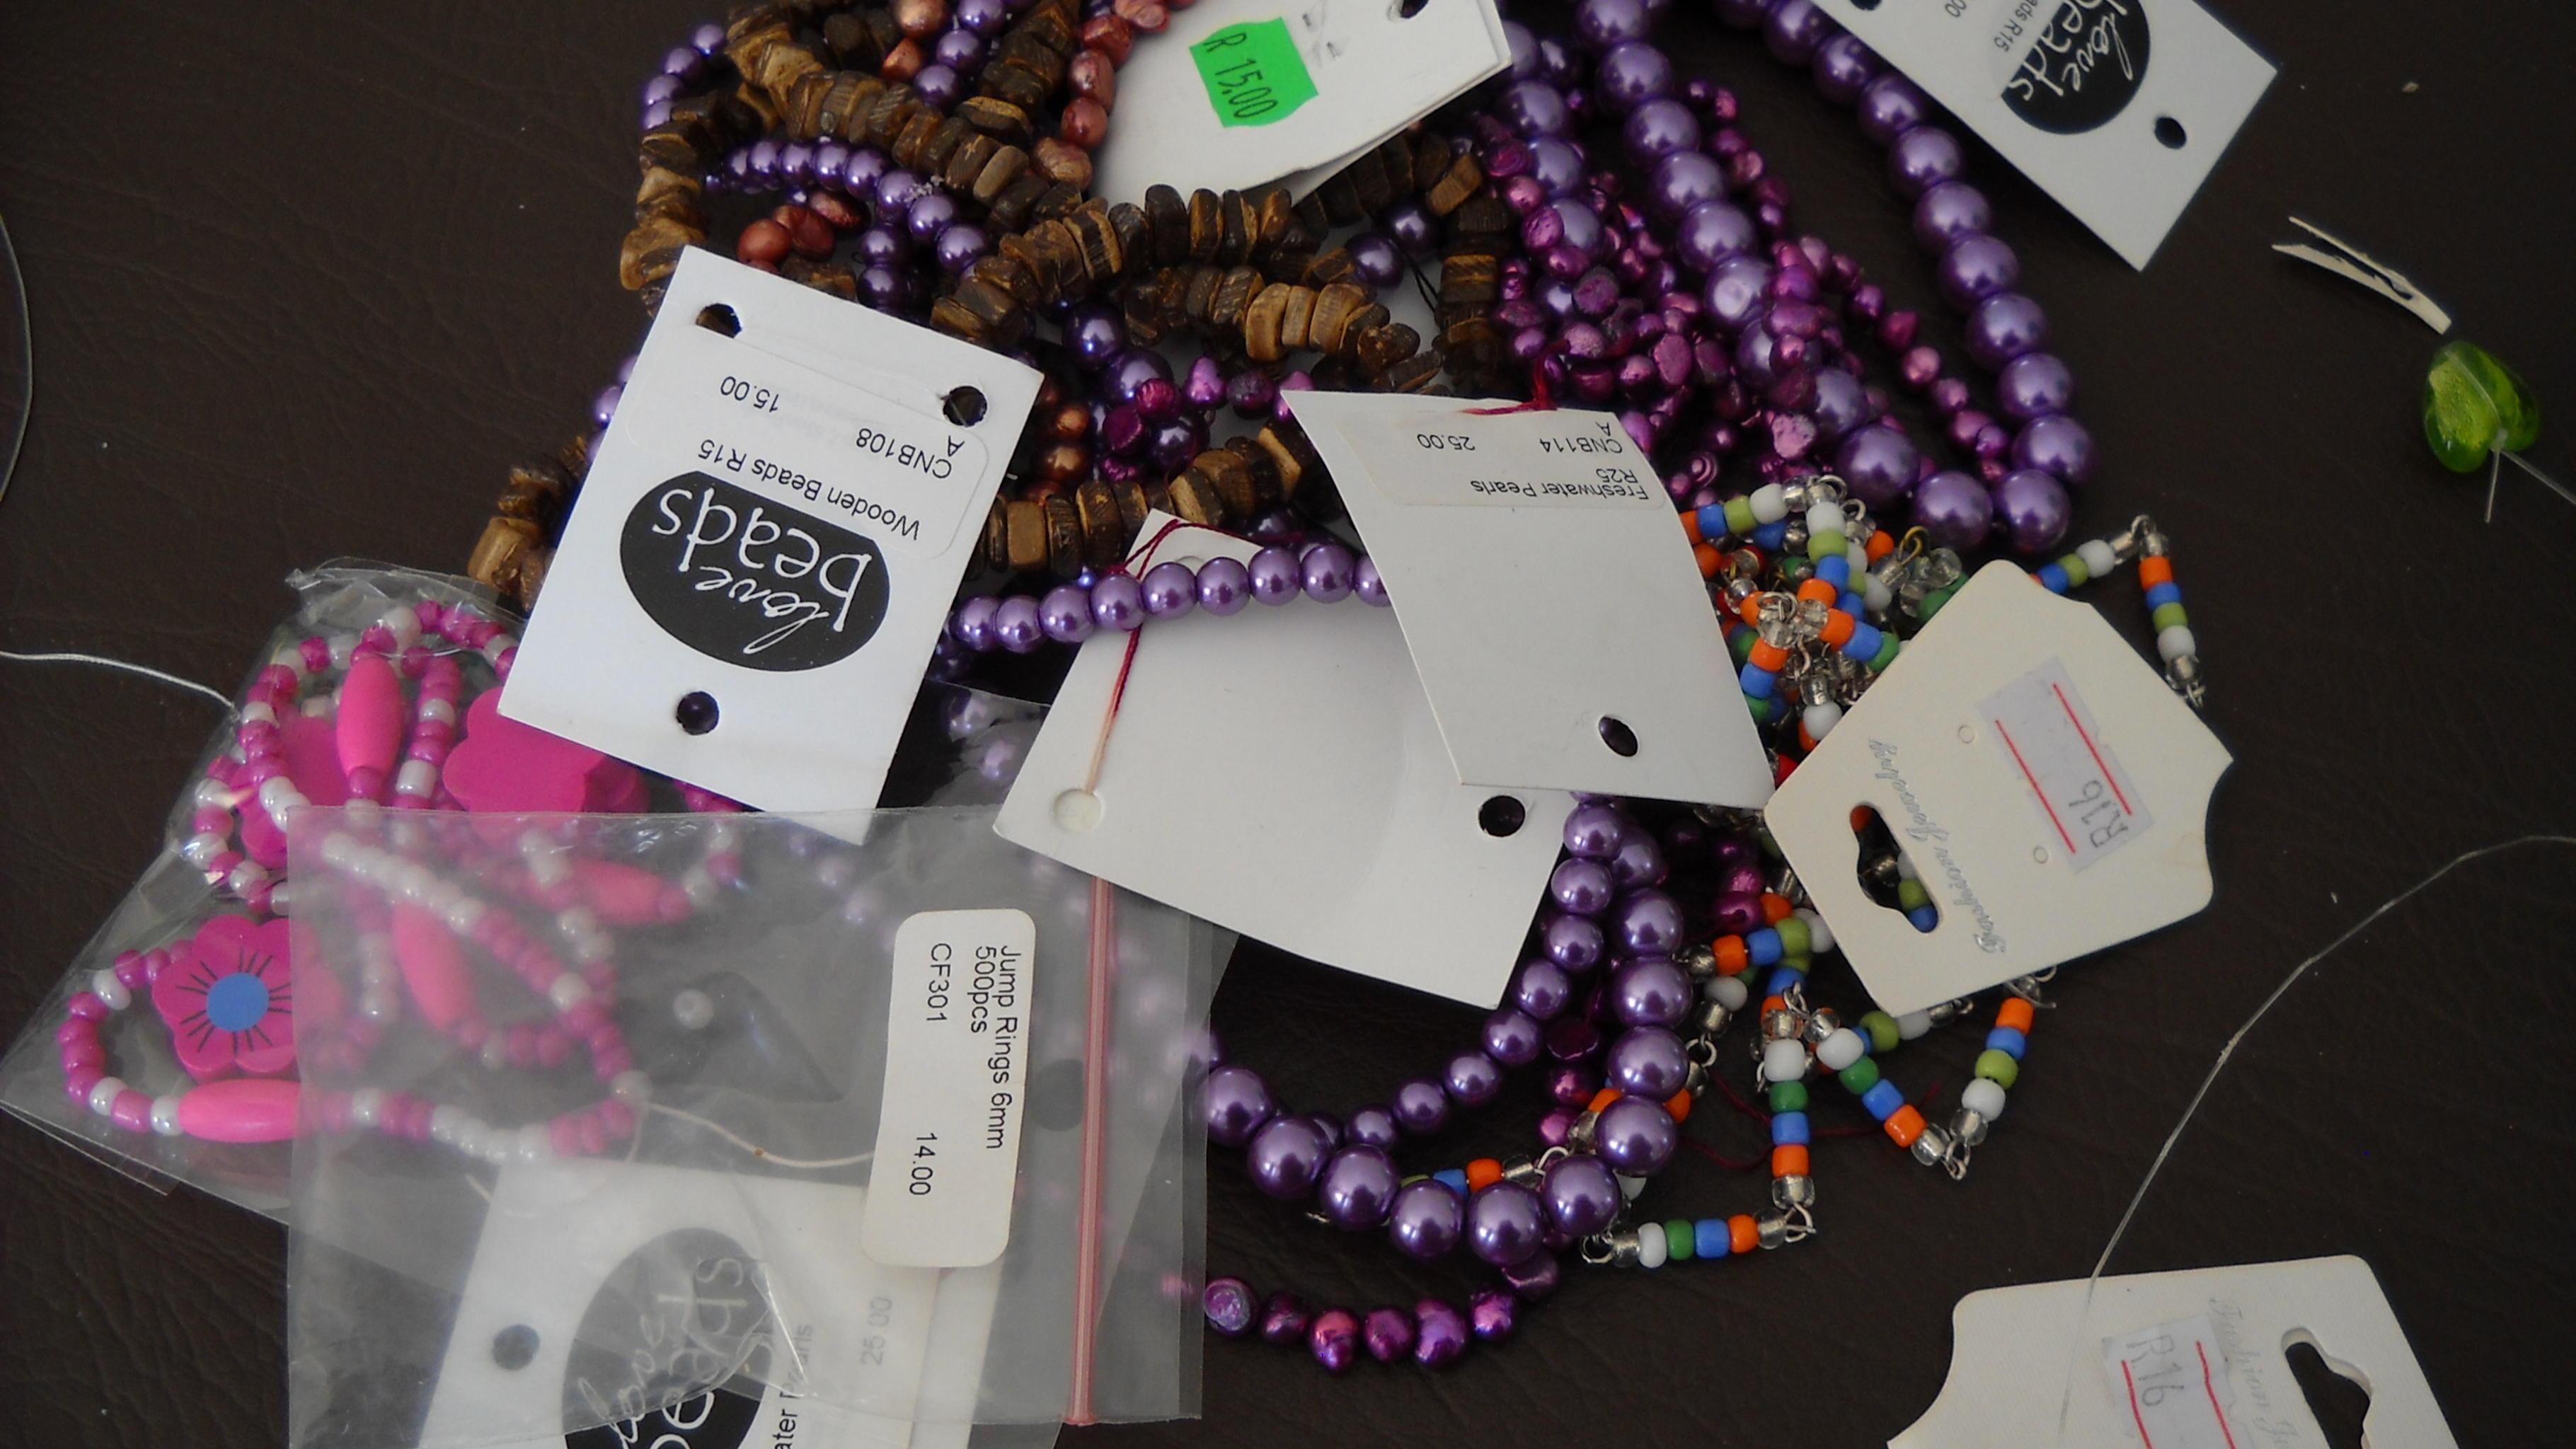 Einkommen für misshandelte Frauen durch Herstellung und Vermarktung von Perlensc